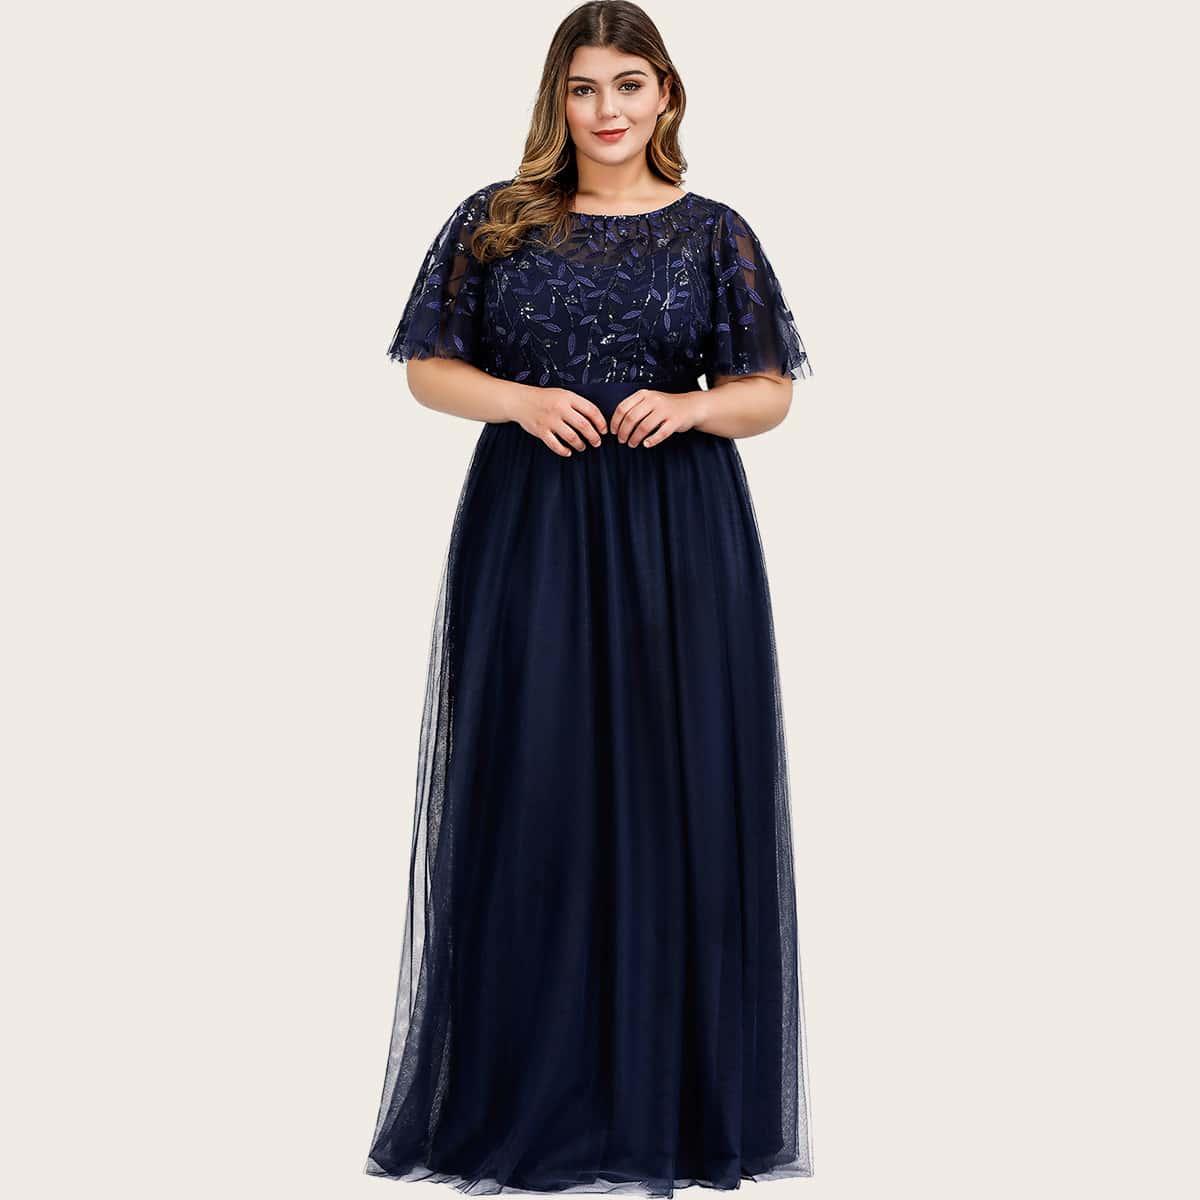 Сетчатое платье размера плюс с узором листьев